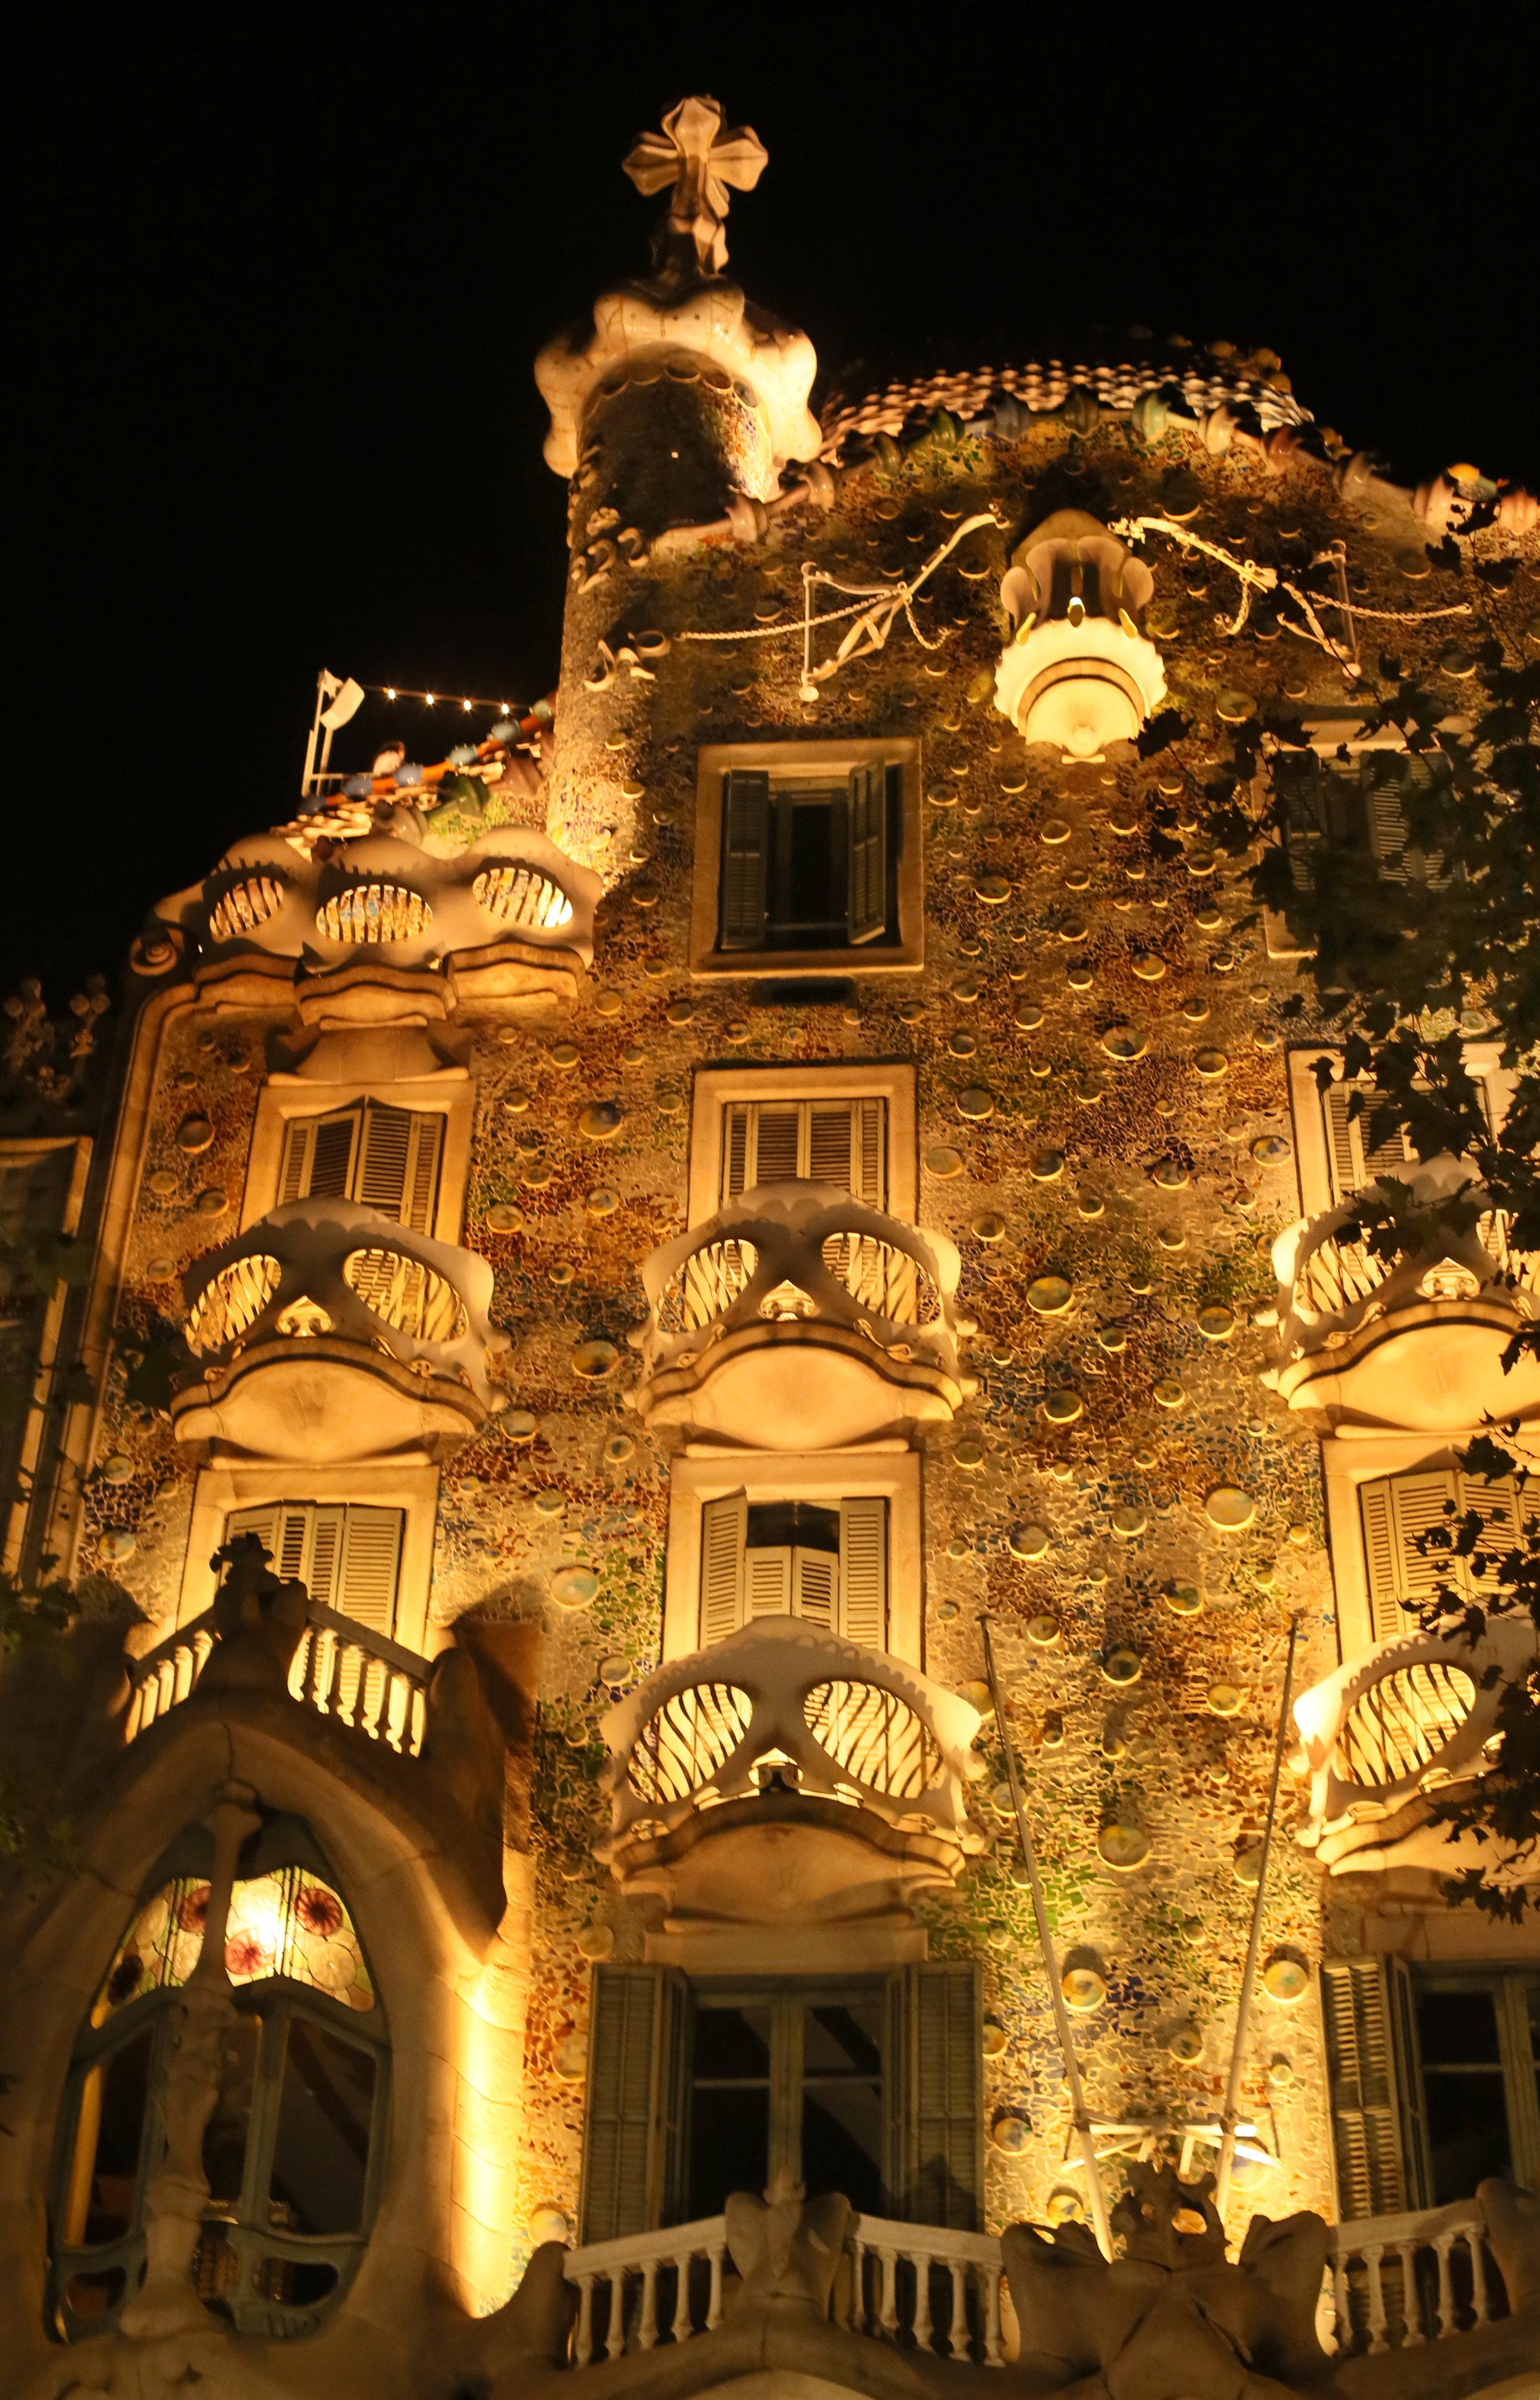 Antonio Gaudí's Casa Batlló